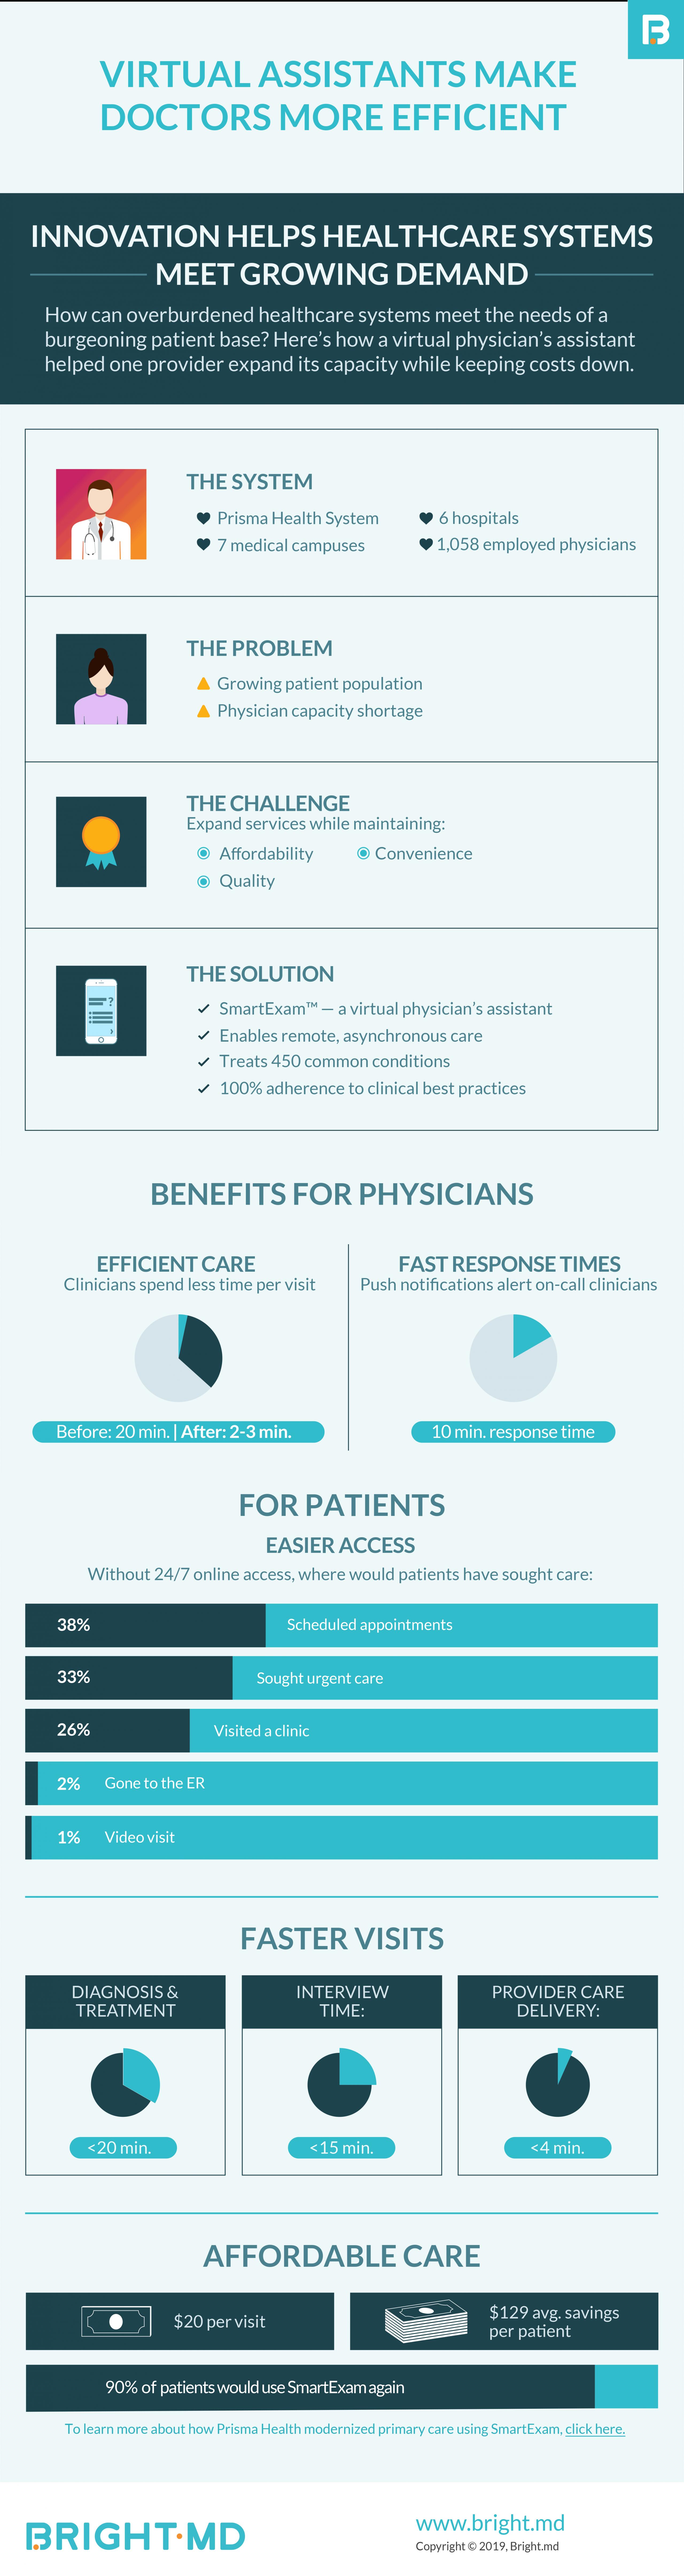 Virtual Assistants Make Doctors More Efficient